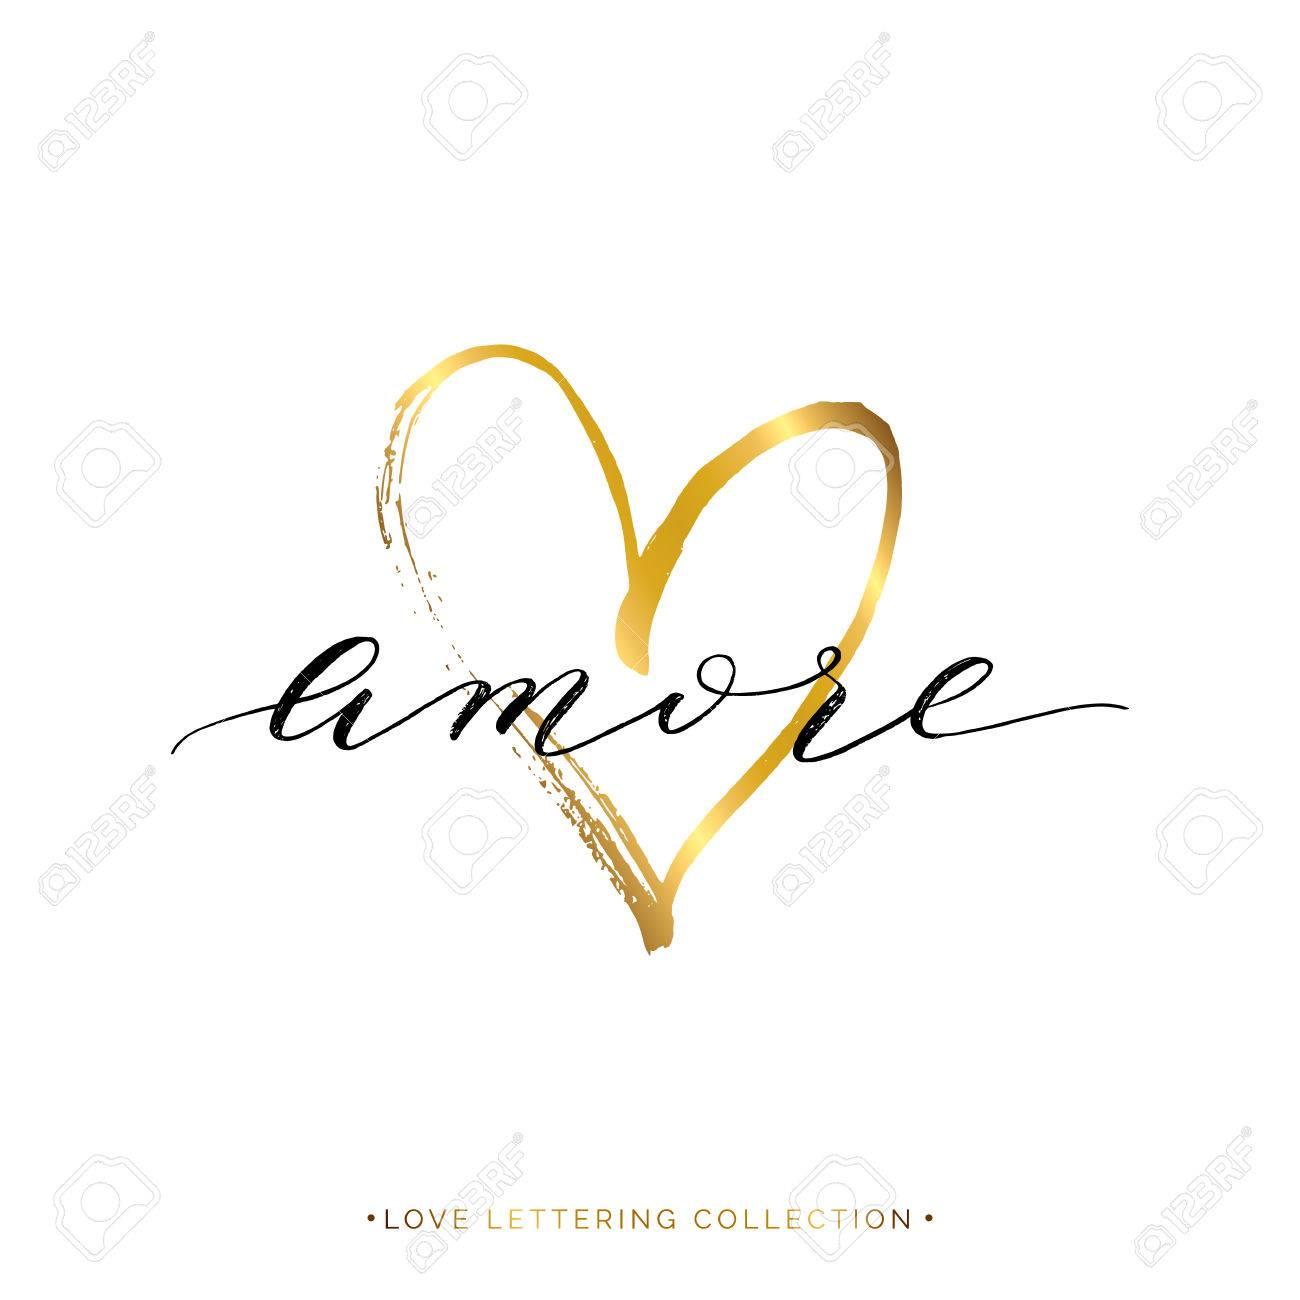 Amore Text Mit Gold Herz Isoliert Auf Weißem Hintergrund, Liebe In  Italienisch, Handgemalte Brief